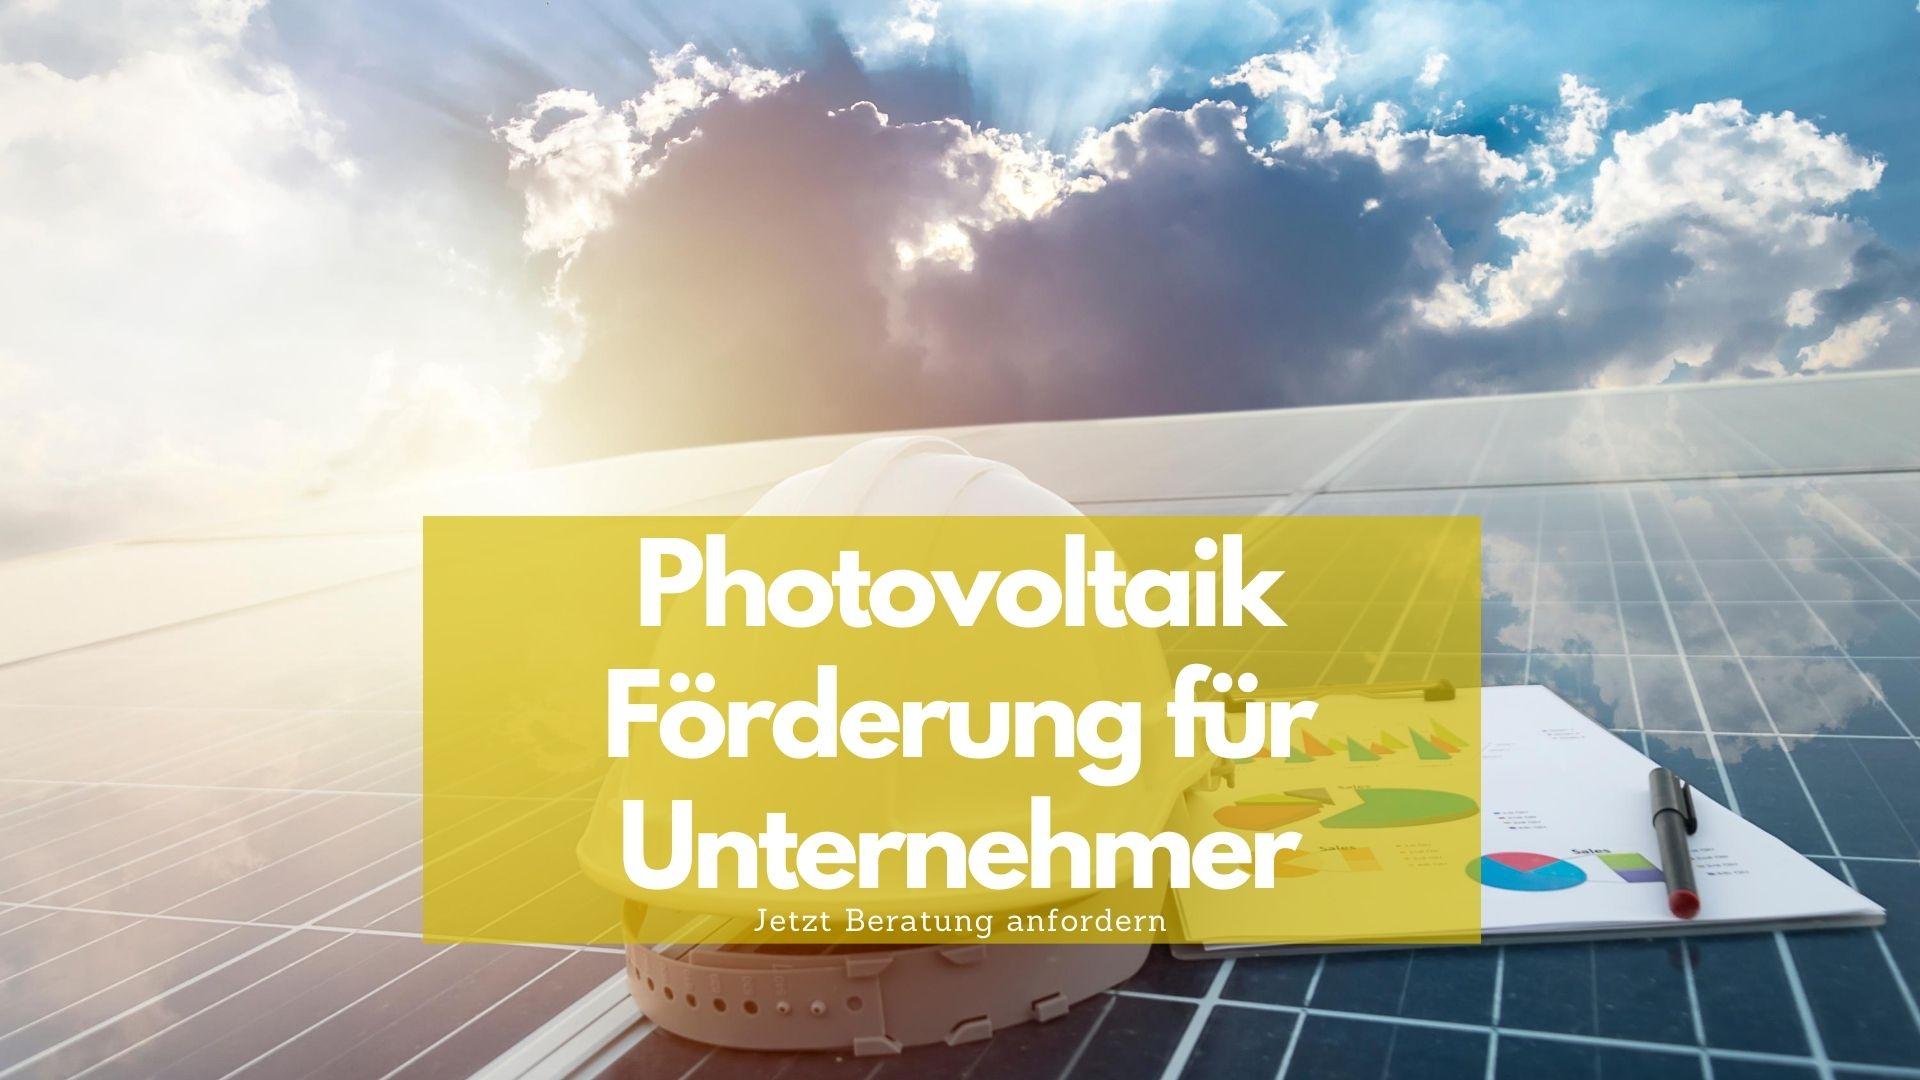 Photovoltaik Förderung für Unternehmer 14%